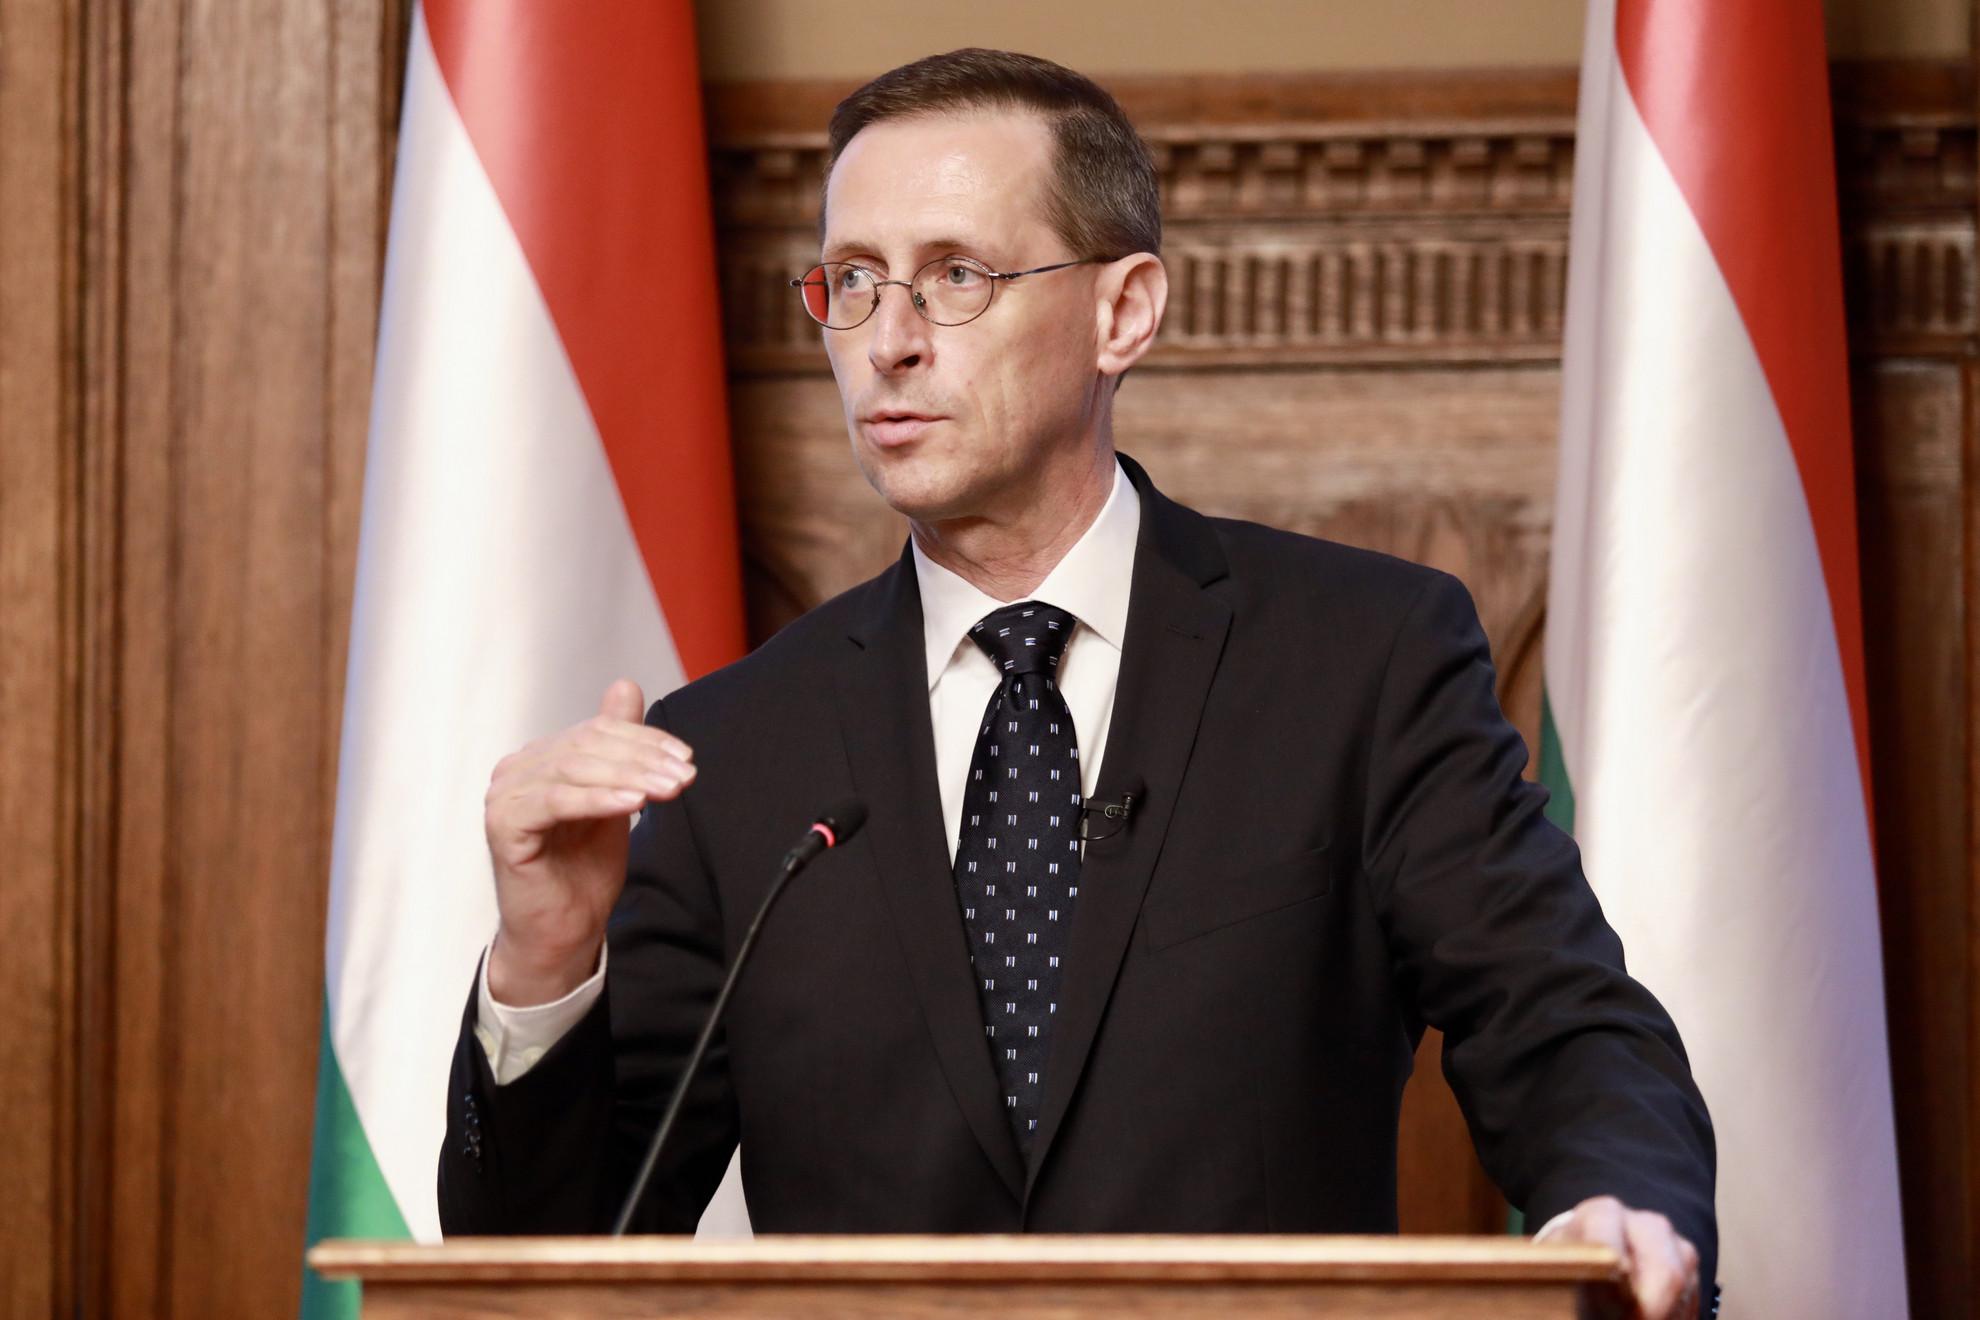 Varga Mihály pénzügyminiszter a költségvetés elfogadása után tartott budapesti sajtótájékoztatón